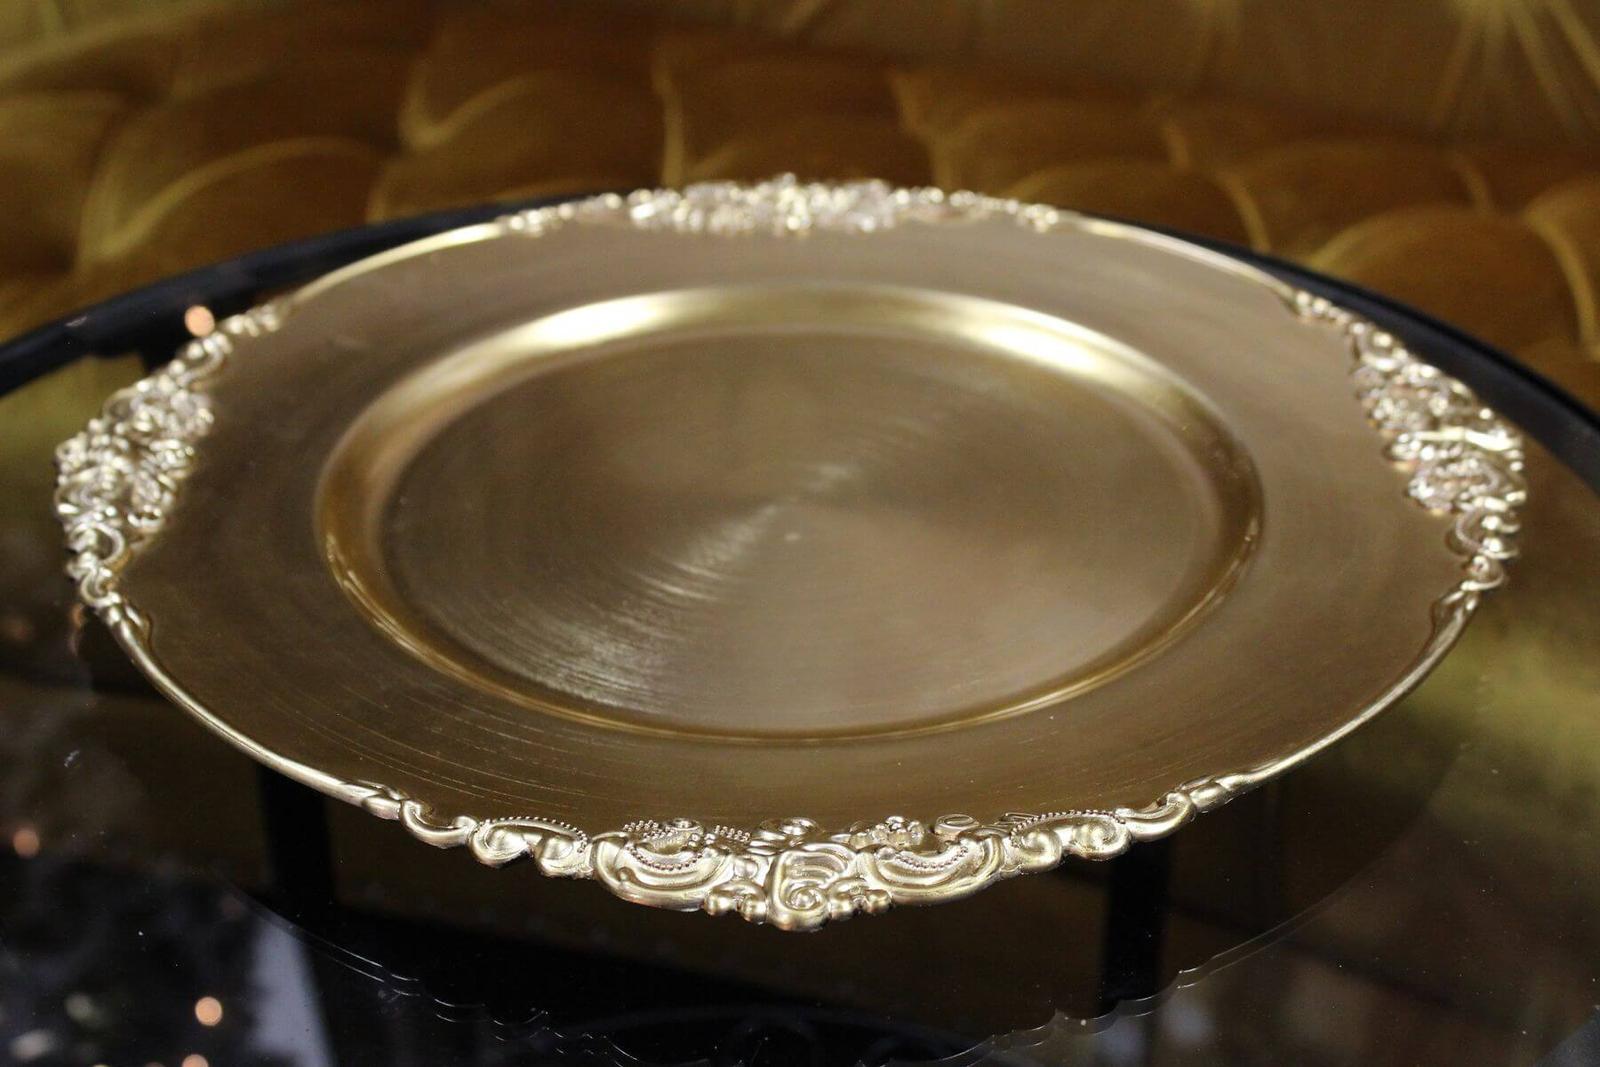 Klubové taniere s ornamentom (prenájom) - Obrázok č. 1